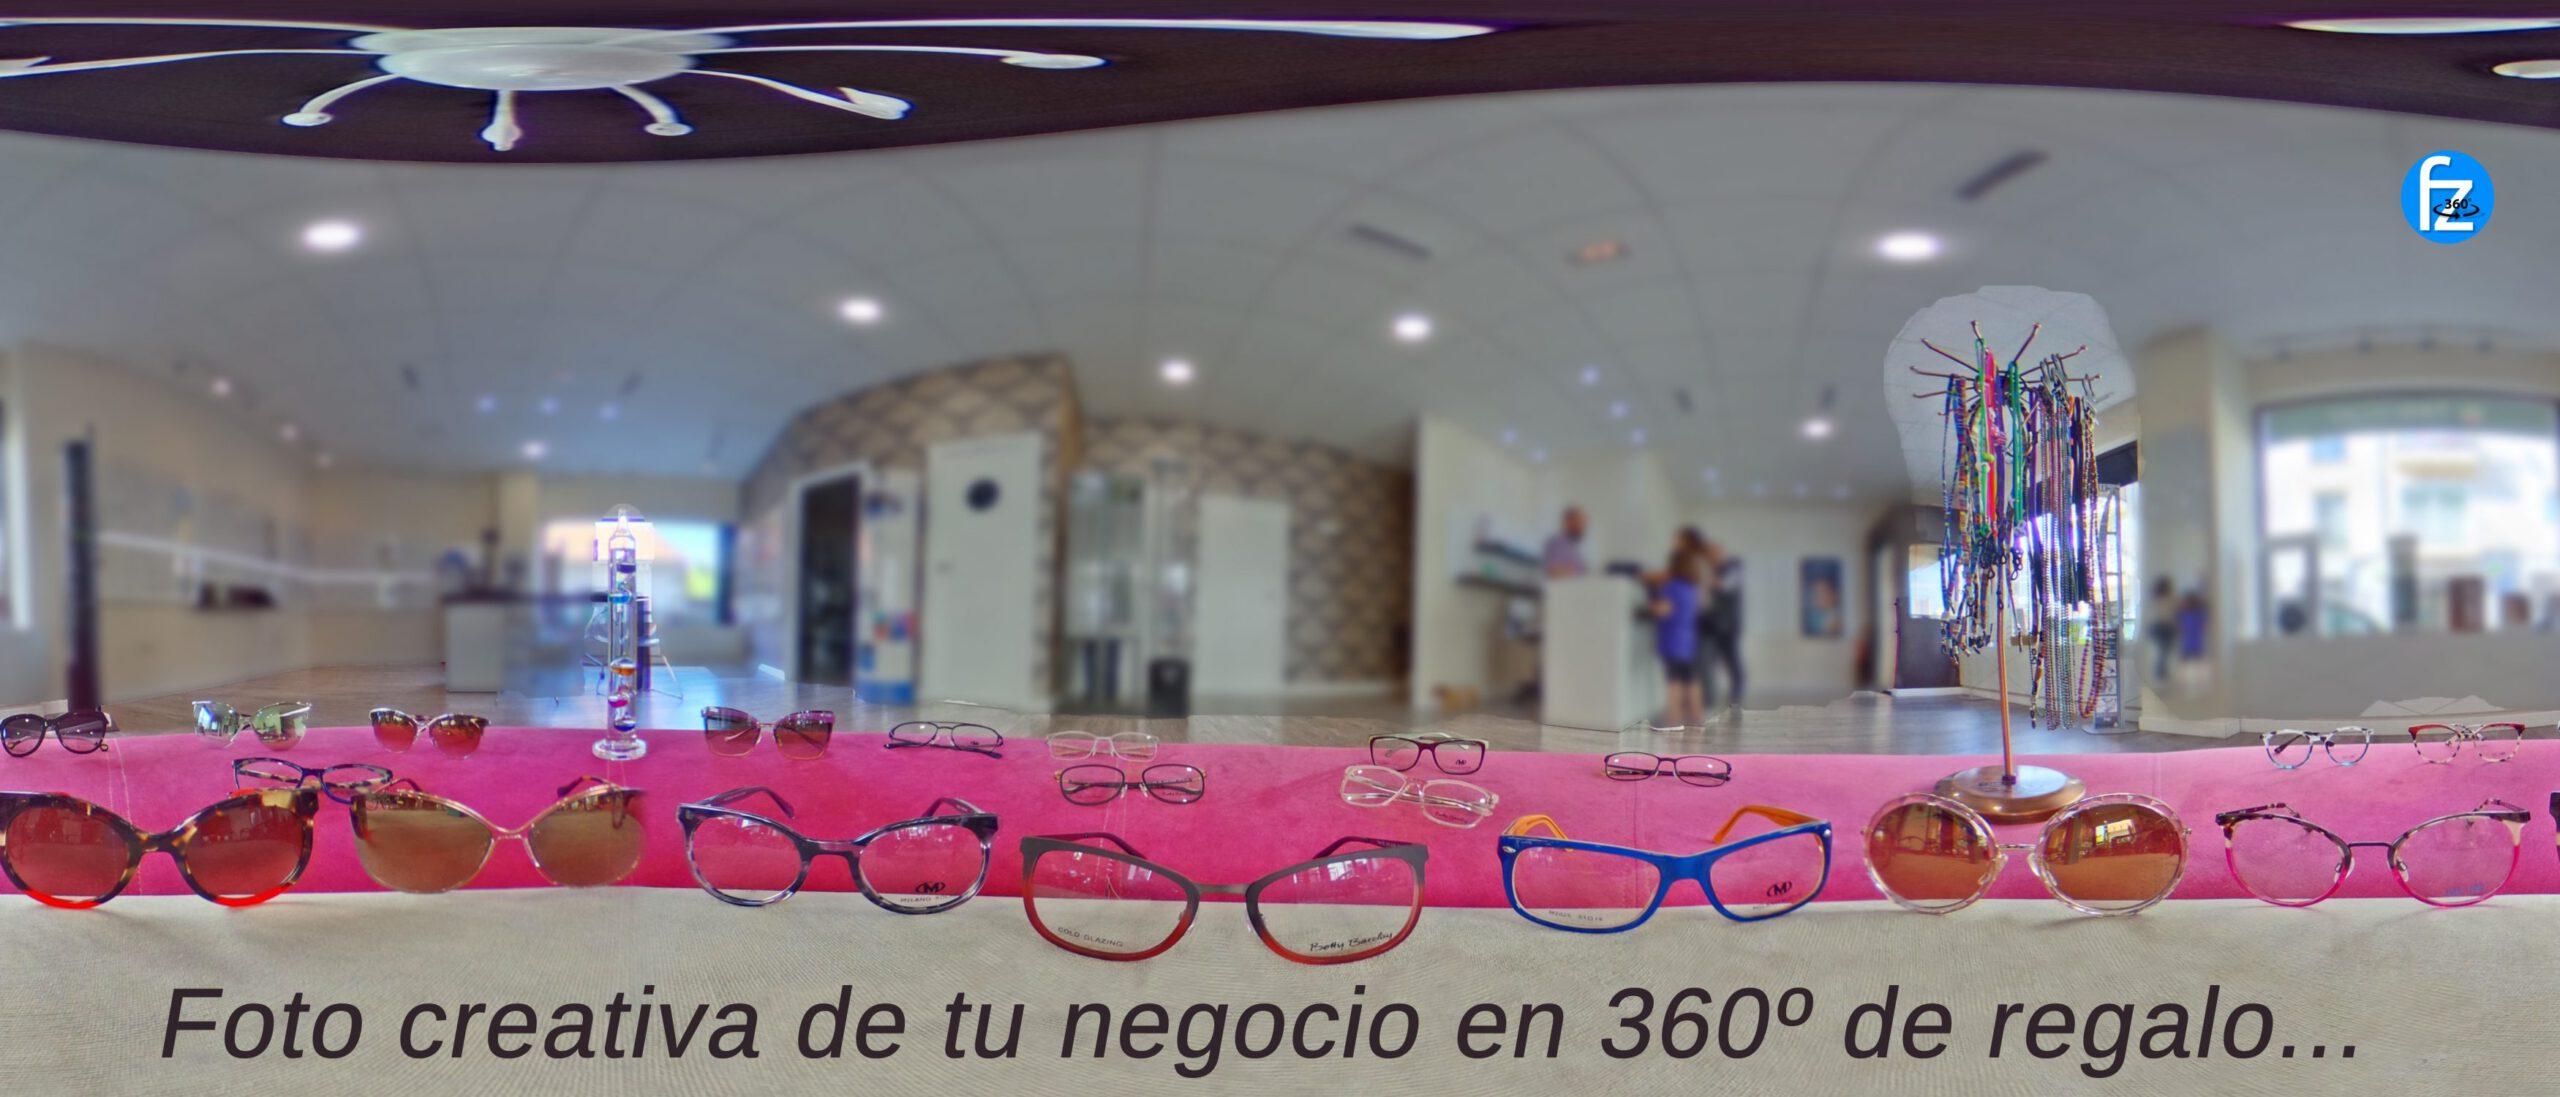 Panorámica de Centro Óptico Villa de El Escorial, en El Escorial